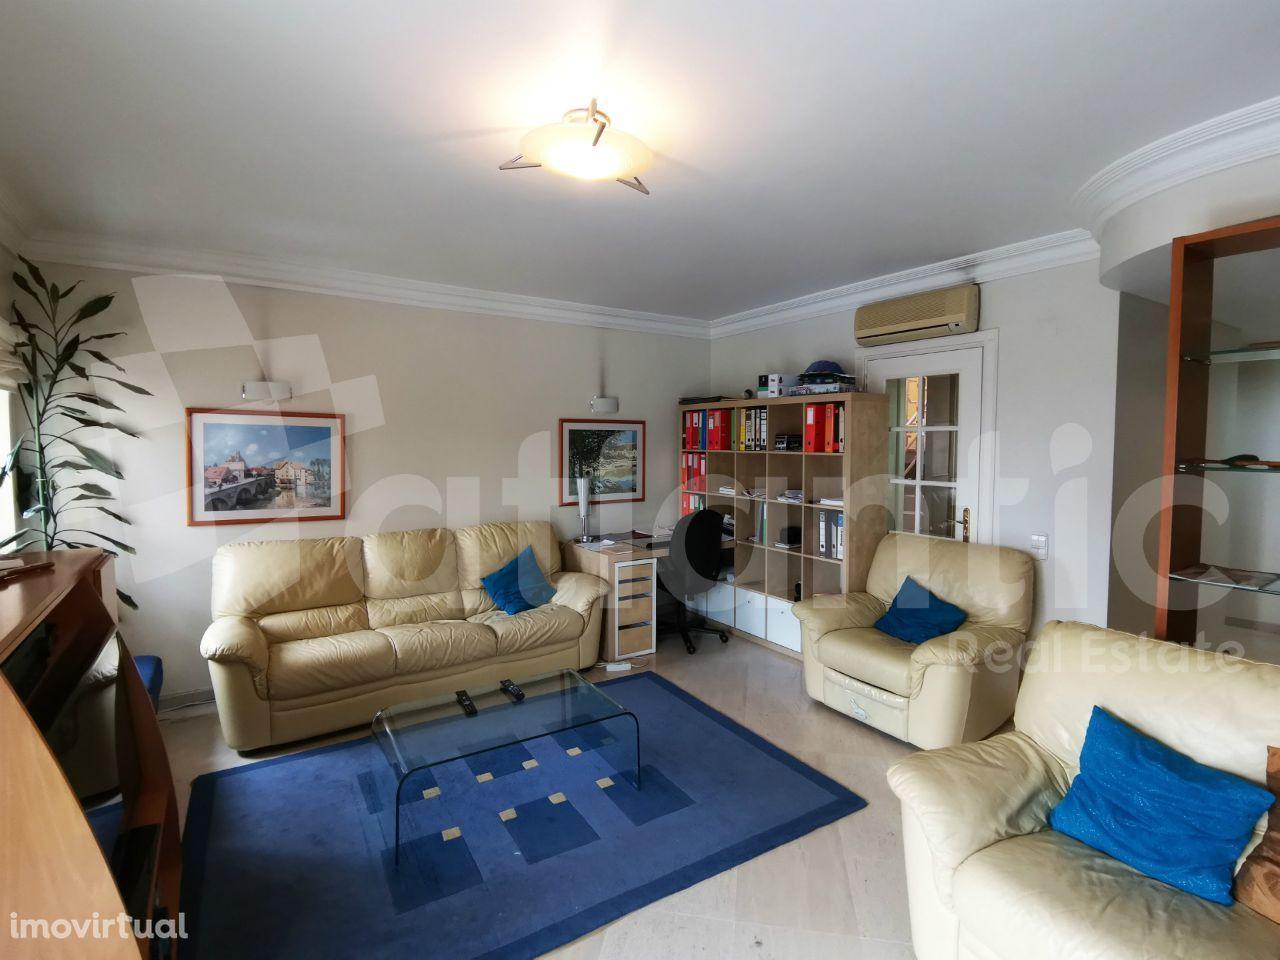 Apartamento T3 no Murganhal com suite, parqueamento e arrecadação